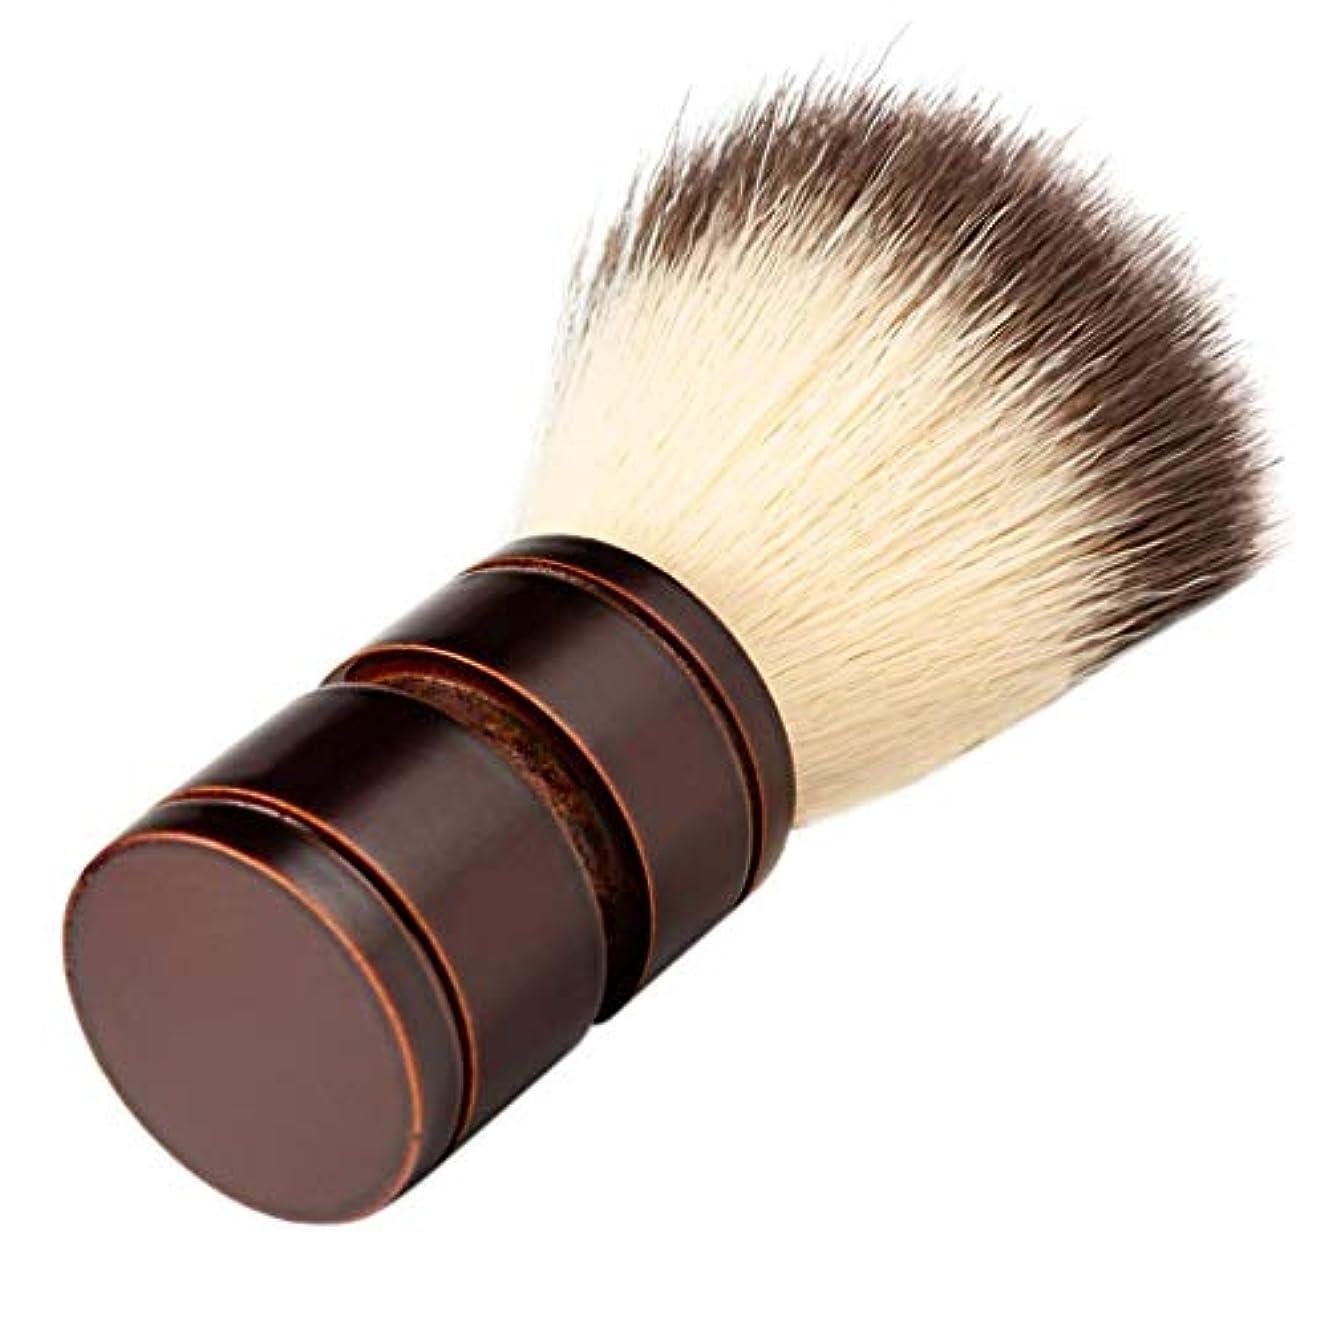 袋マキシムレトルトHellery ひげブラシ シェービングブラシ ひげ剃り 柔らかい 髭剃り 泡立ち 理容 美容ツール